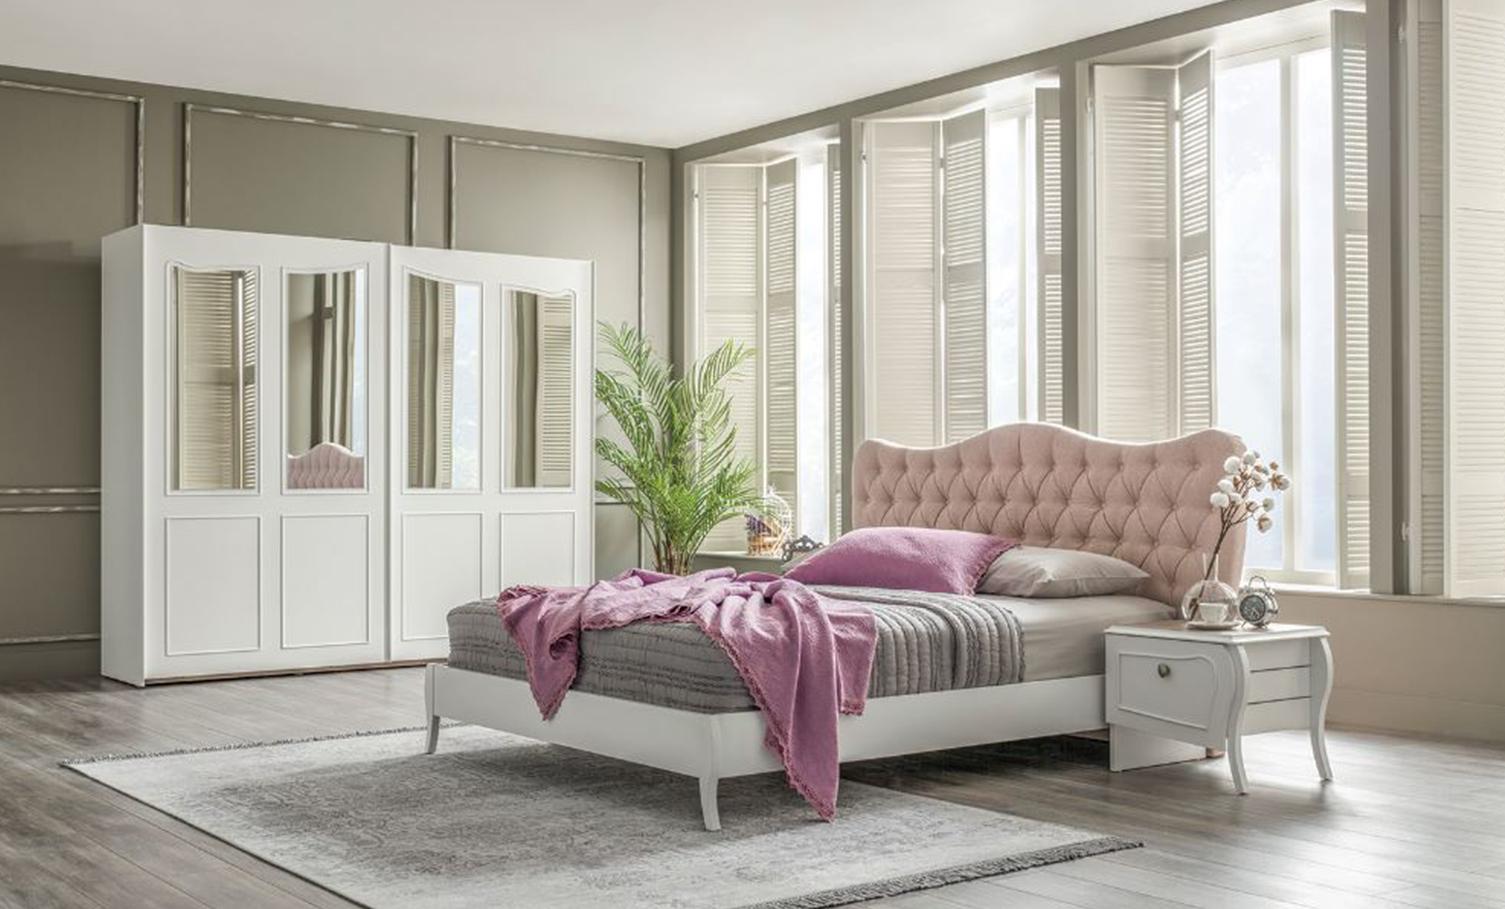 master-yatak-odasi-dekorasyon-temalari-15 Yatak Odası Dekorasyon Temaları